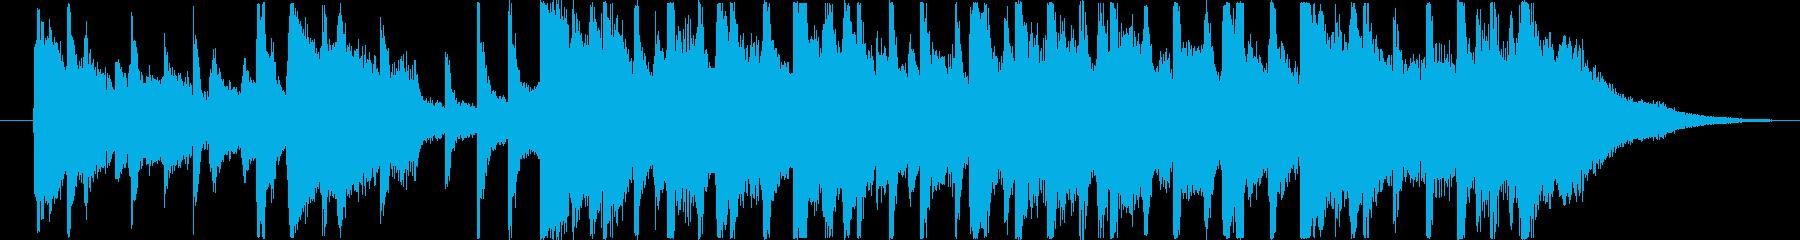 楽しい雰囲気のBGM(15秒ver)の再生済みの波形